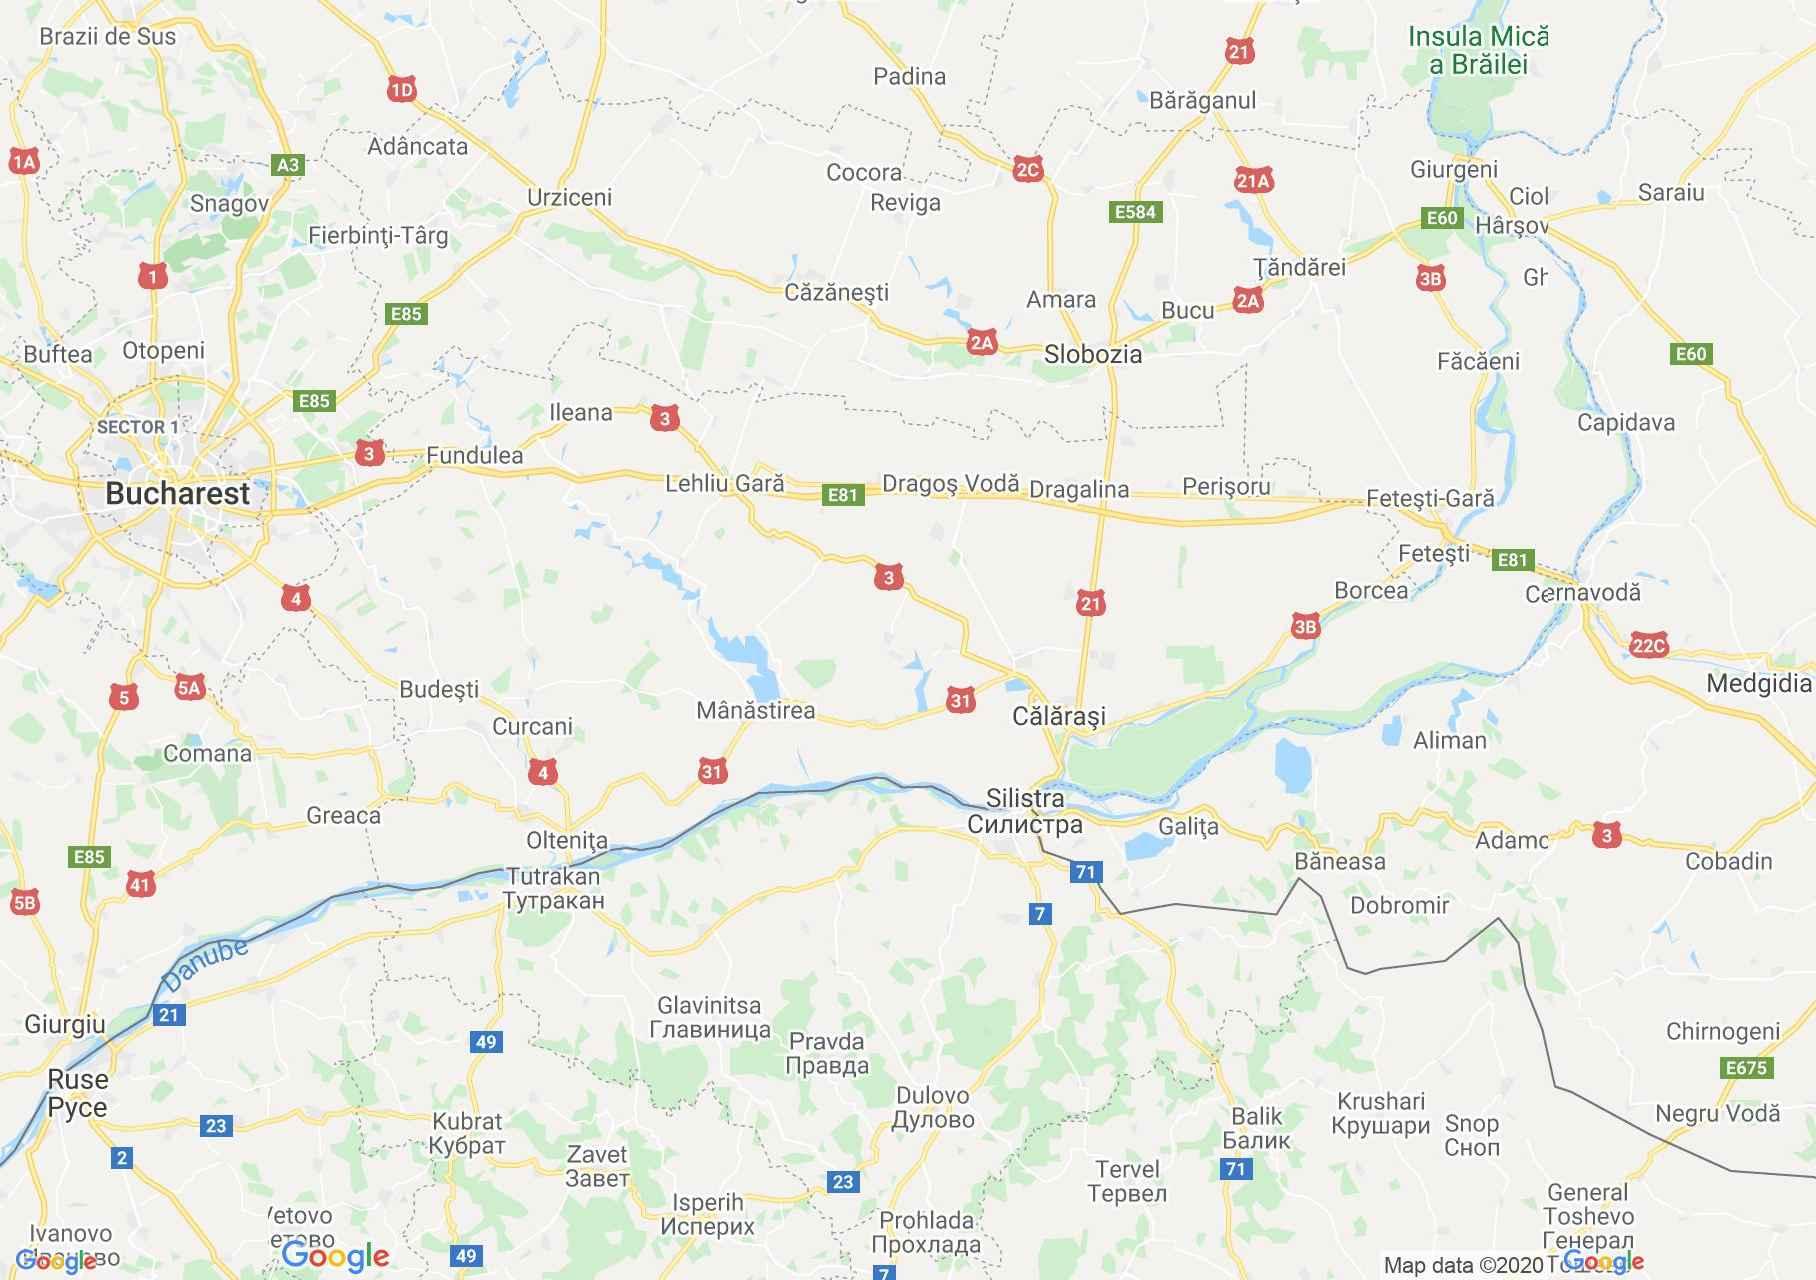 Calaras megye: (Călărași) interaktív turista térképe.